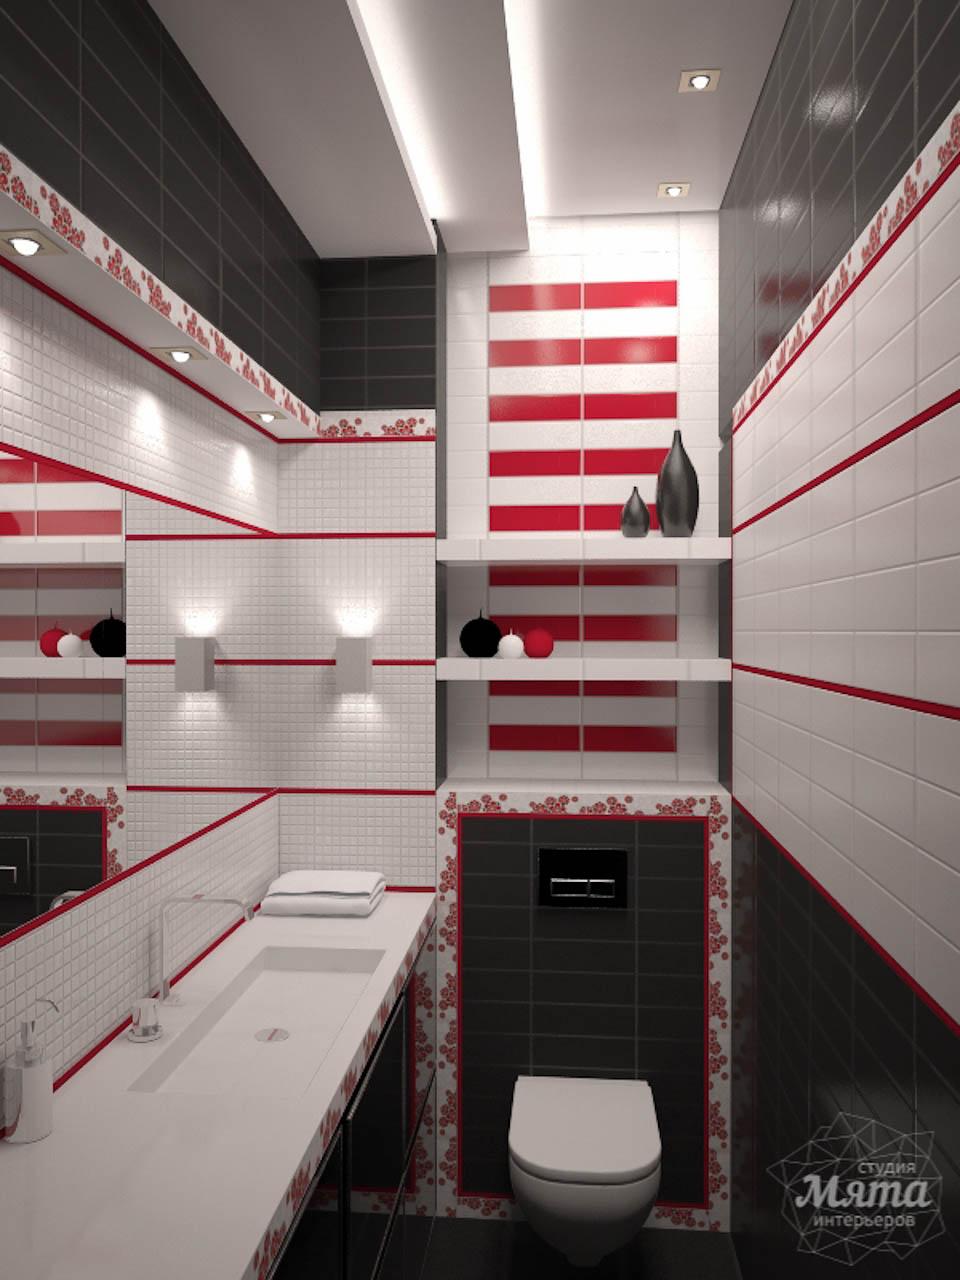 Дизайн интерьера трехкомнатной квартиры по ул. Папанина 18 img526786548